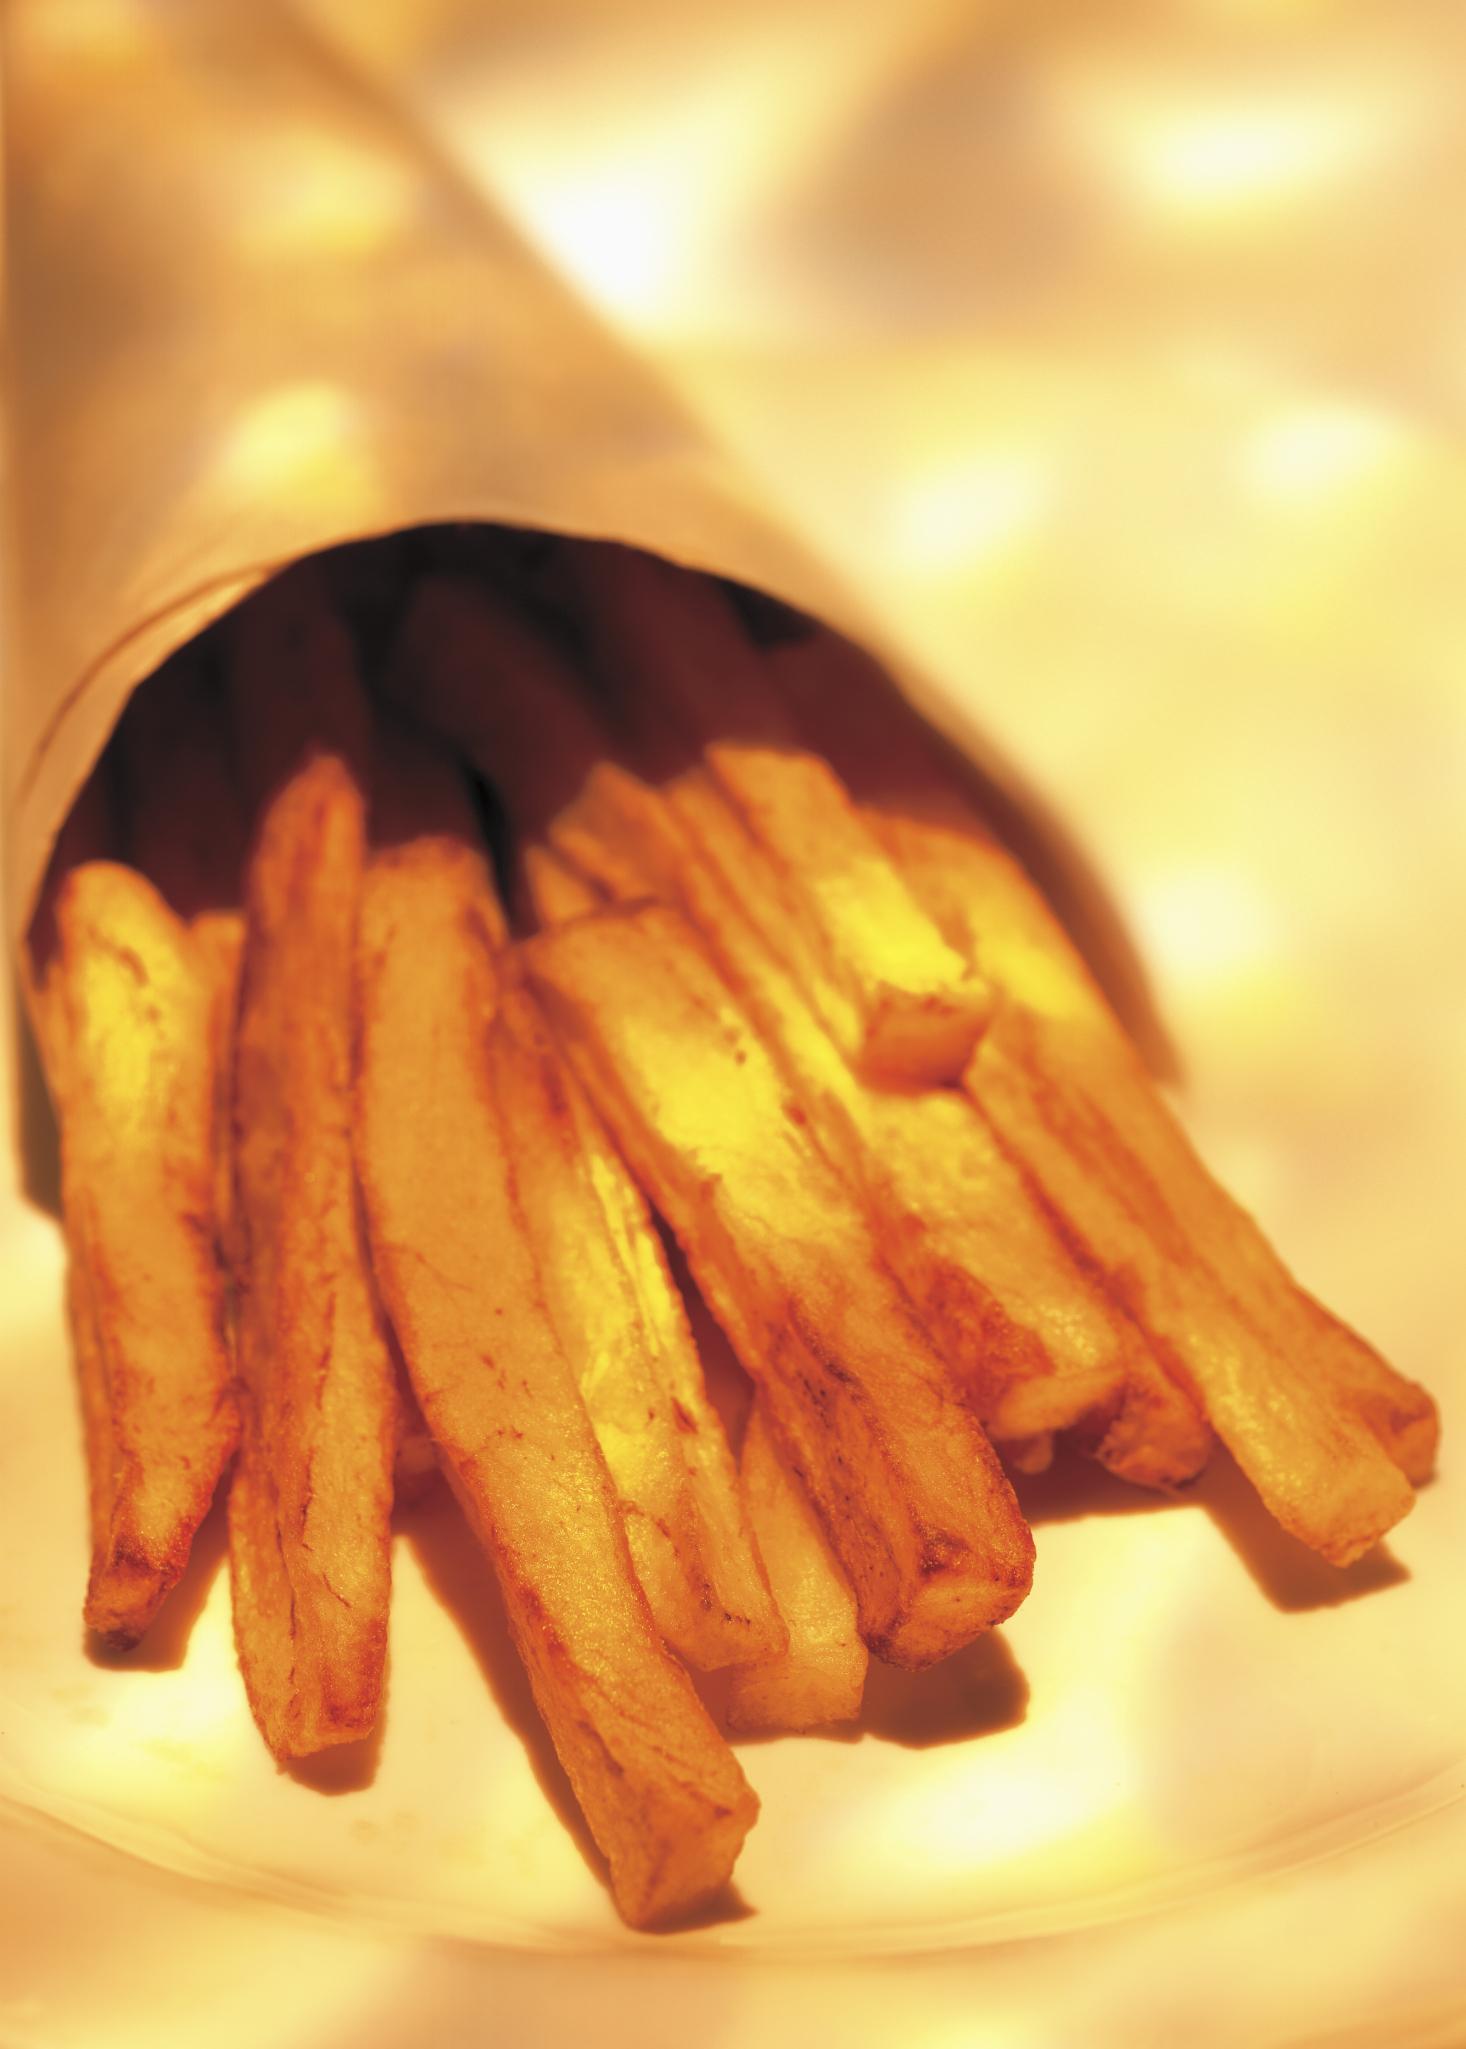 As batatas doces são uma excelente fonte de potássio.